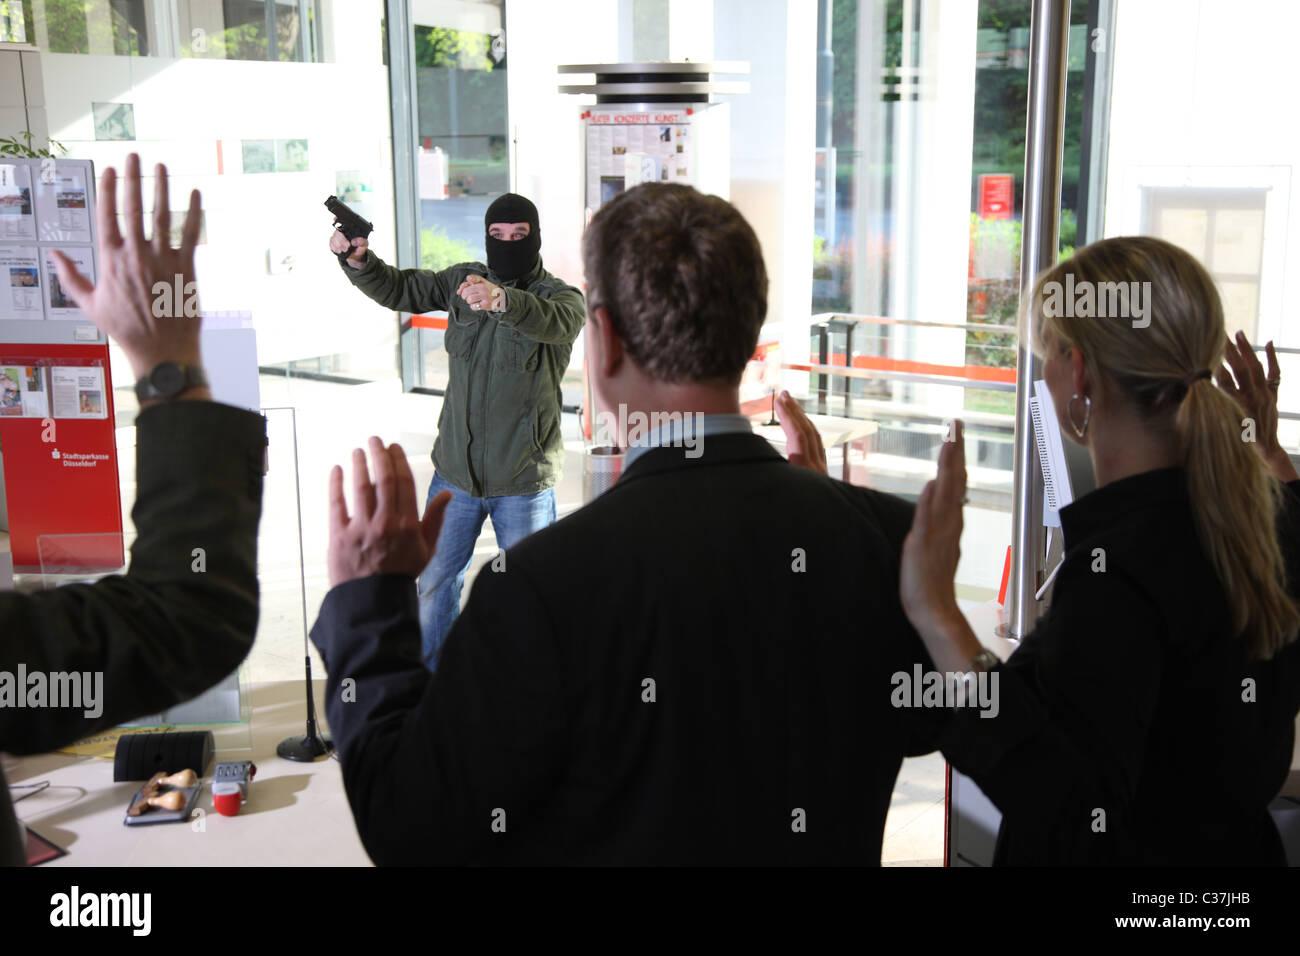 Esercizio di polizia. Rapina in banca. Bank Robber con una pistola tiene ostaggi in una banca. Foto Stock